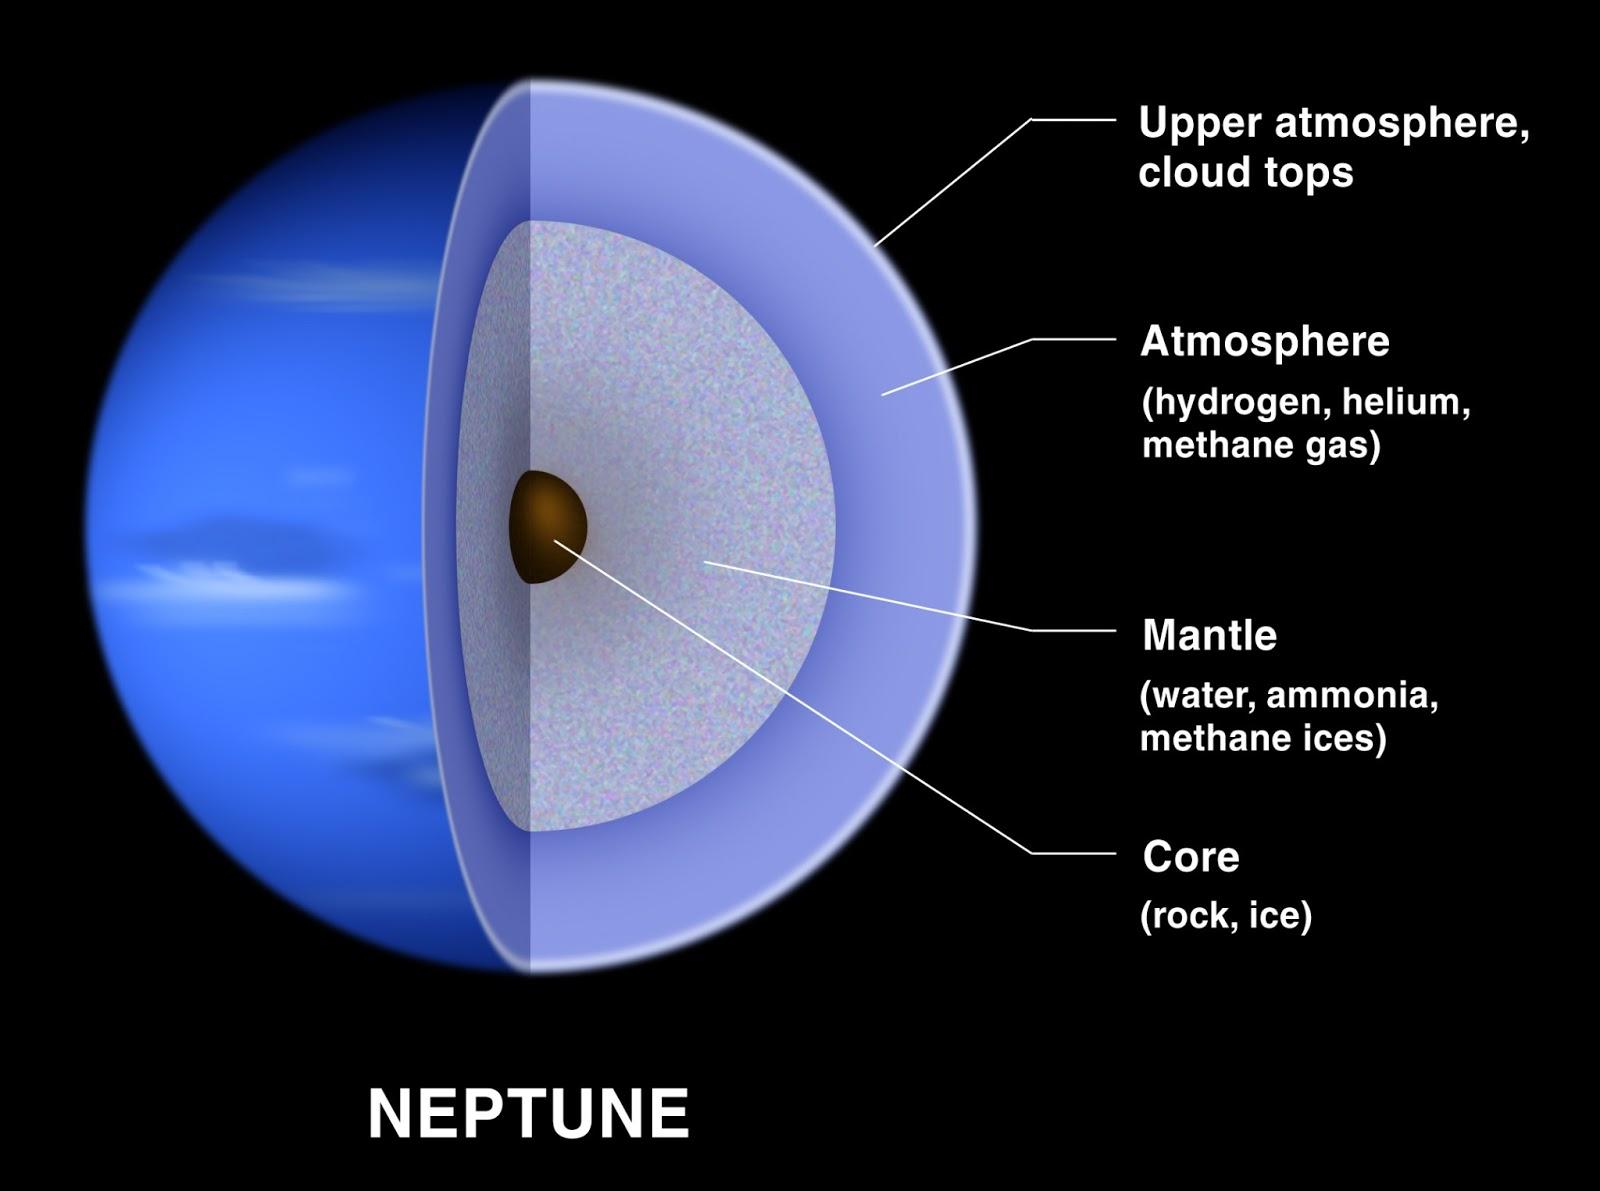 http://2.bp.blogspot.com/-4o4L-_eaQ7s/UPdxmRz1meI/AAAAAAAADng/6-VoxU7Slbw/s1600/Neptune_Int.jpg